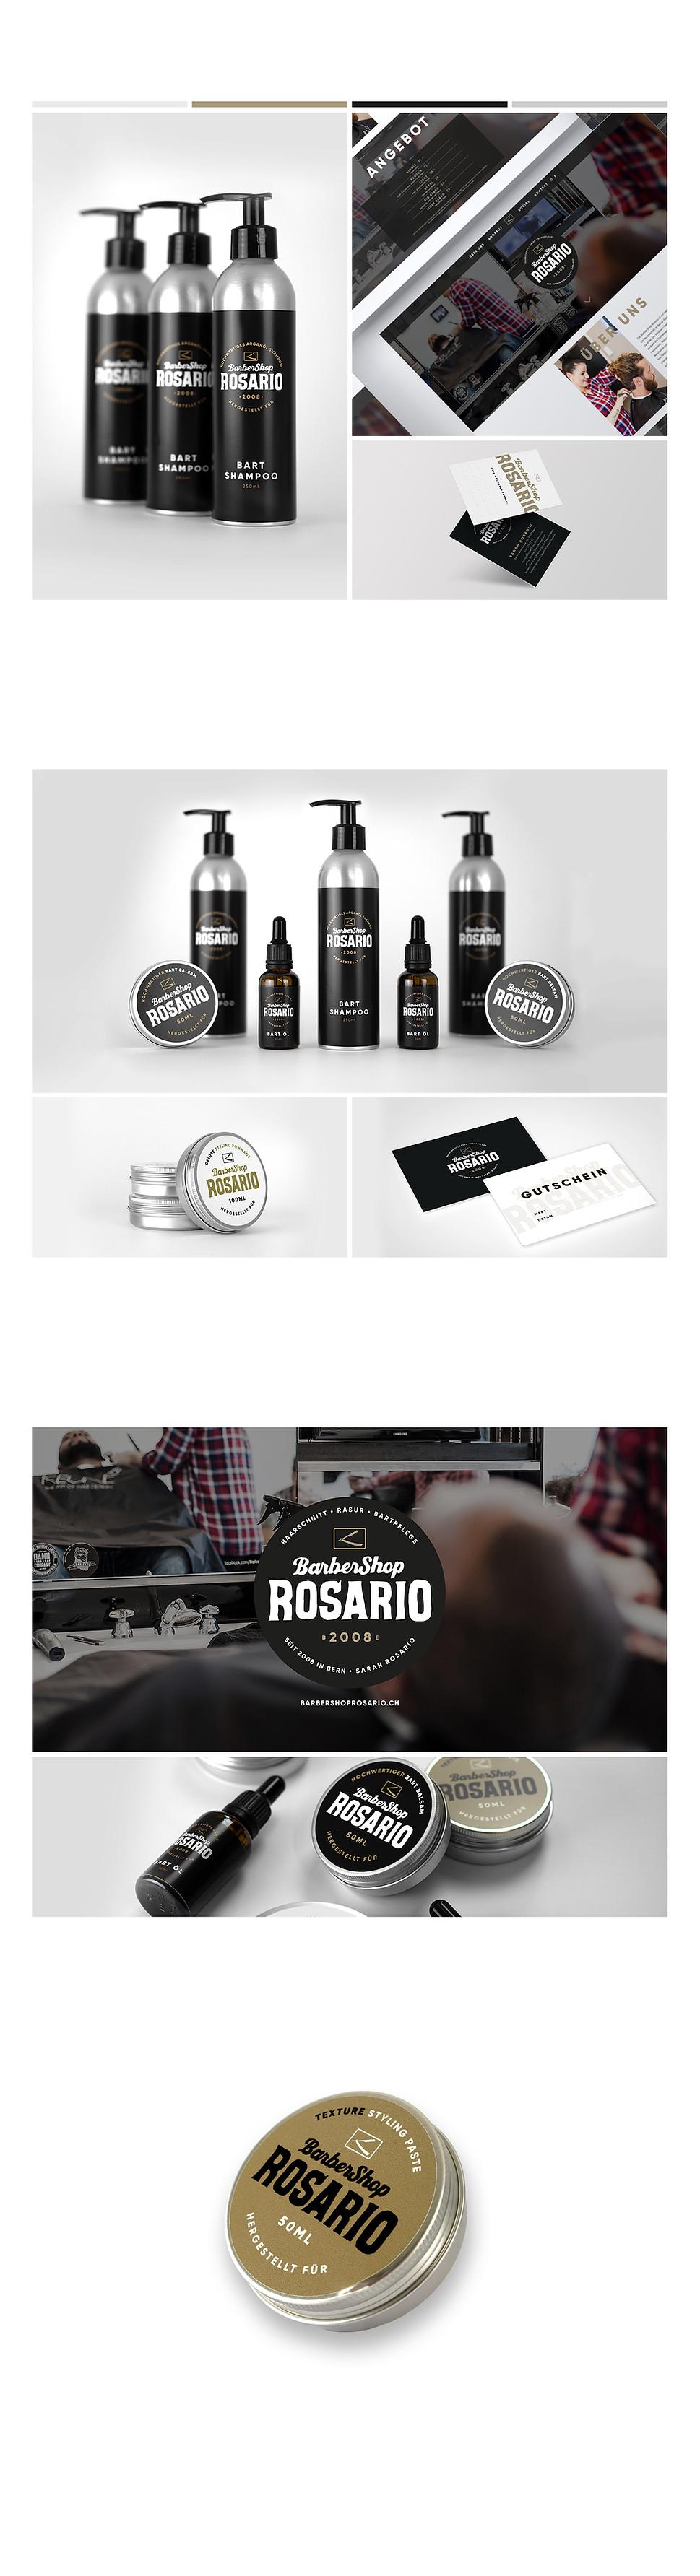 Barbershop-Rosario-branding-logo-product